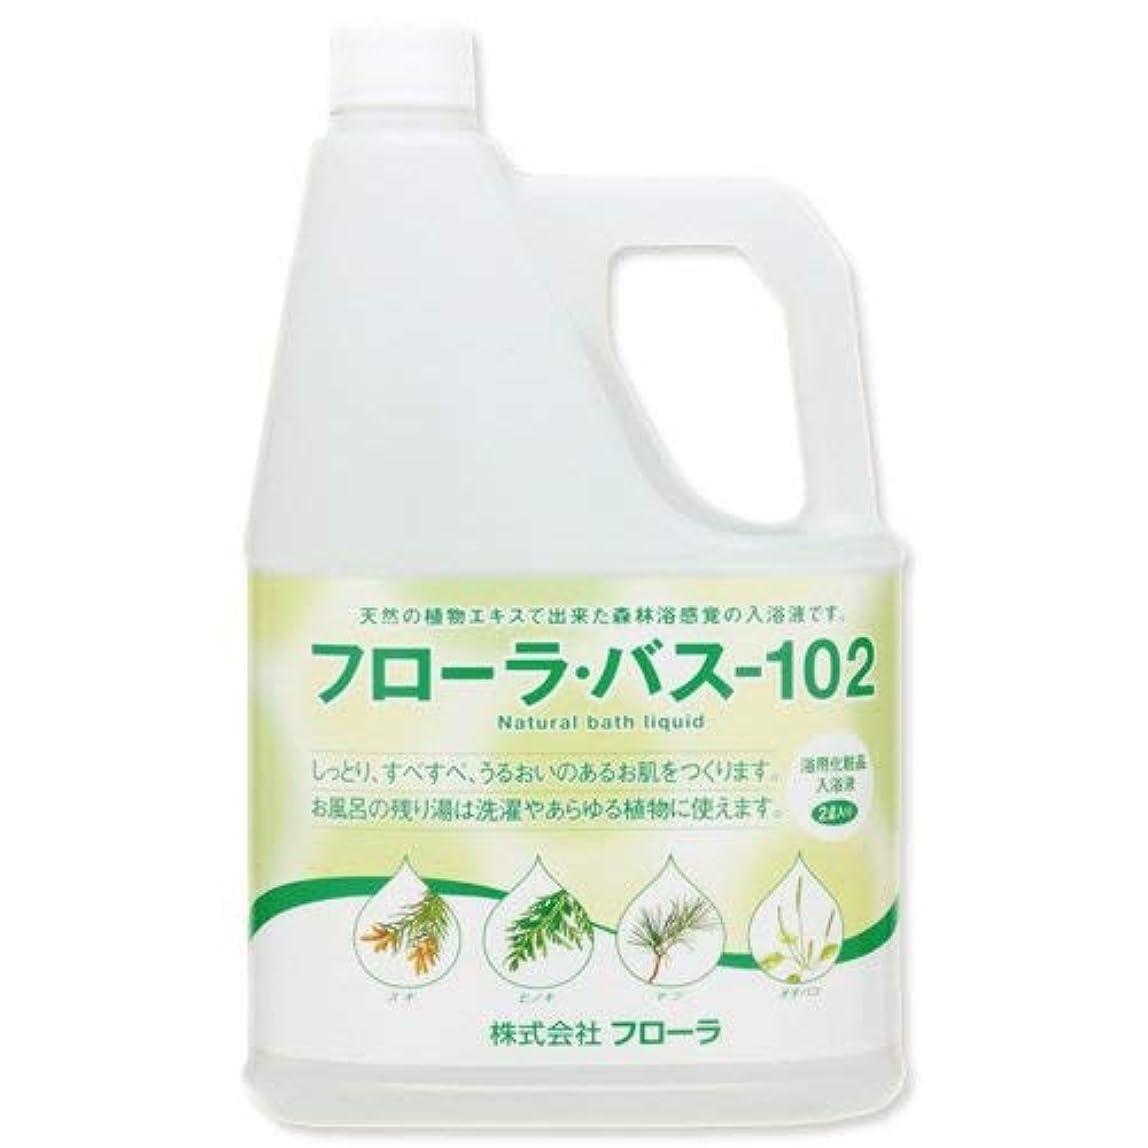 軽量社会ピジン浴用化粧品 入浴液 フローラ?バス-102  2L